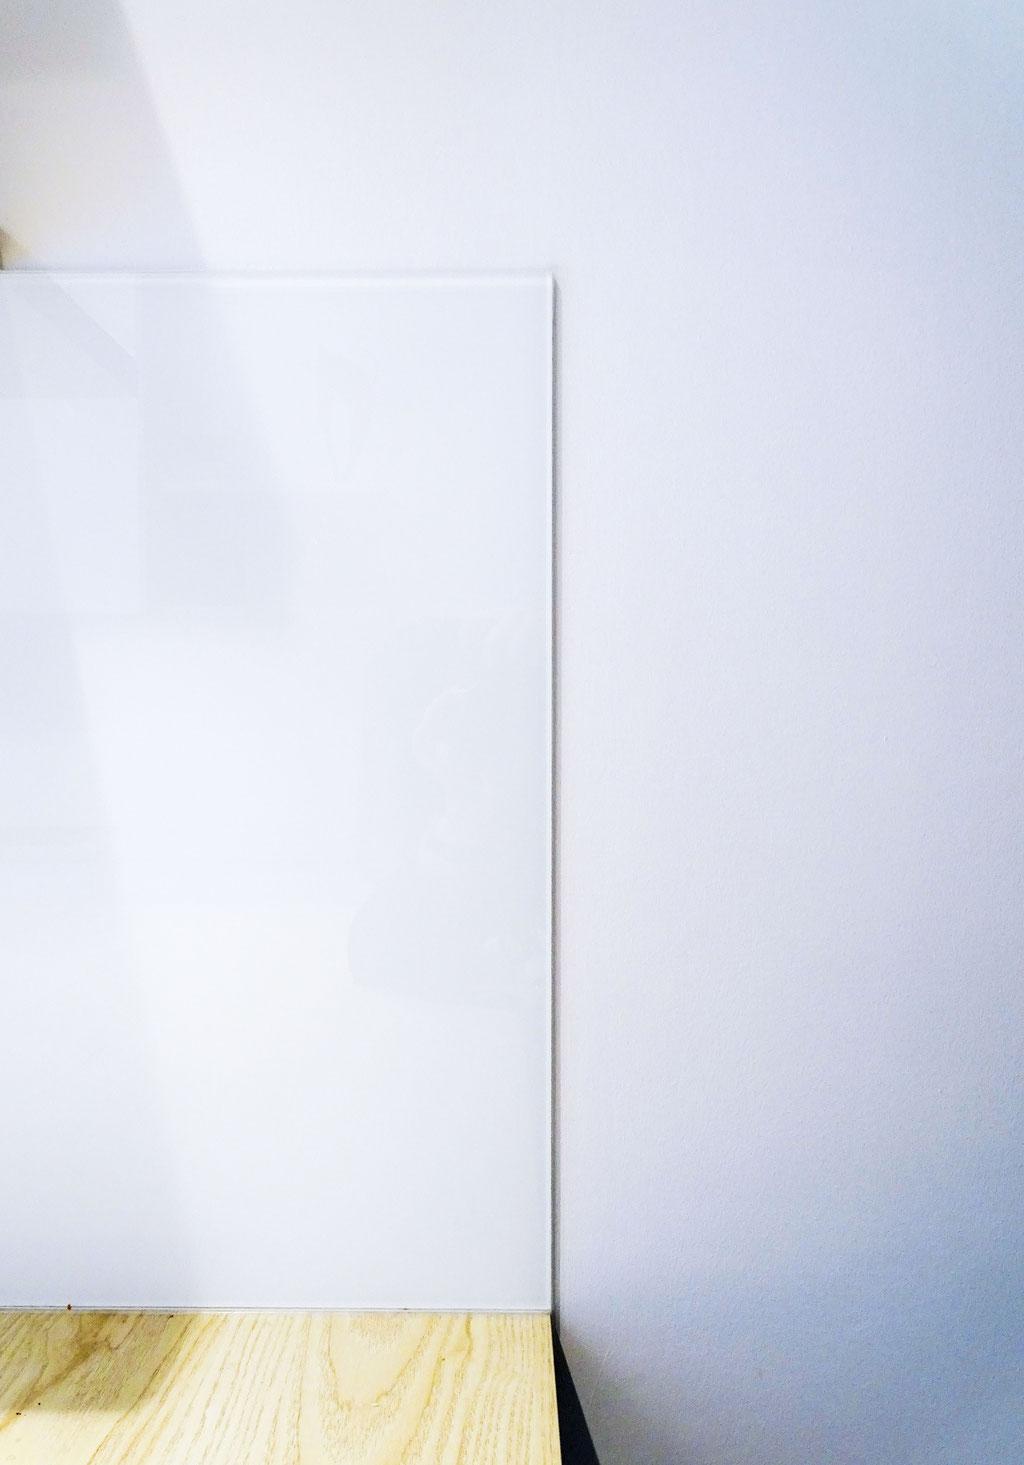 AL Intérieurs, agence architecture intérieur et décoration lyon, rénovation d'une cuisine aux teintes scandinaves, faïence murale en verre